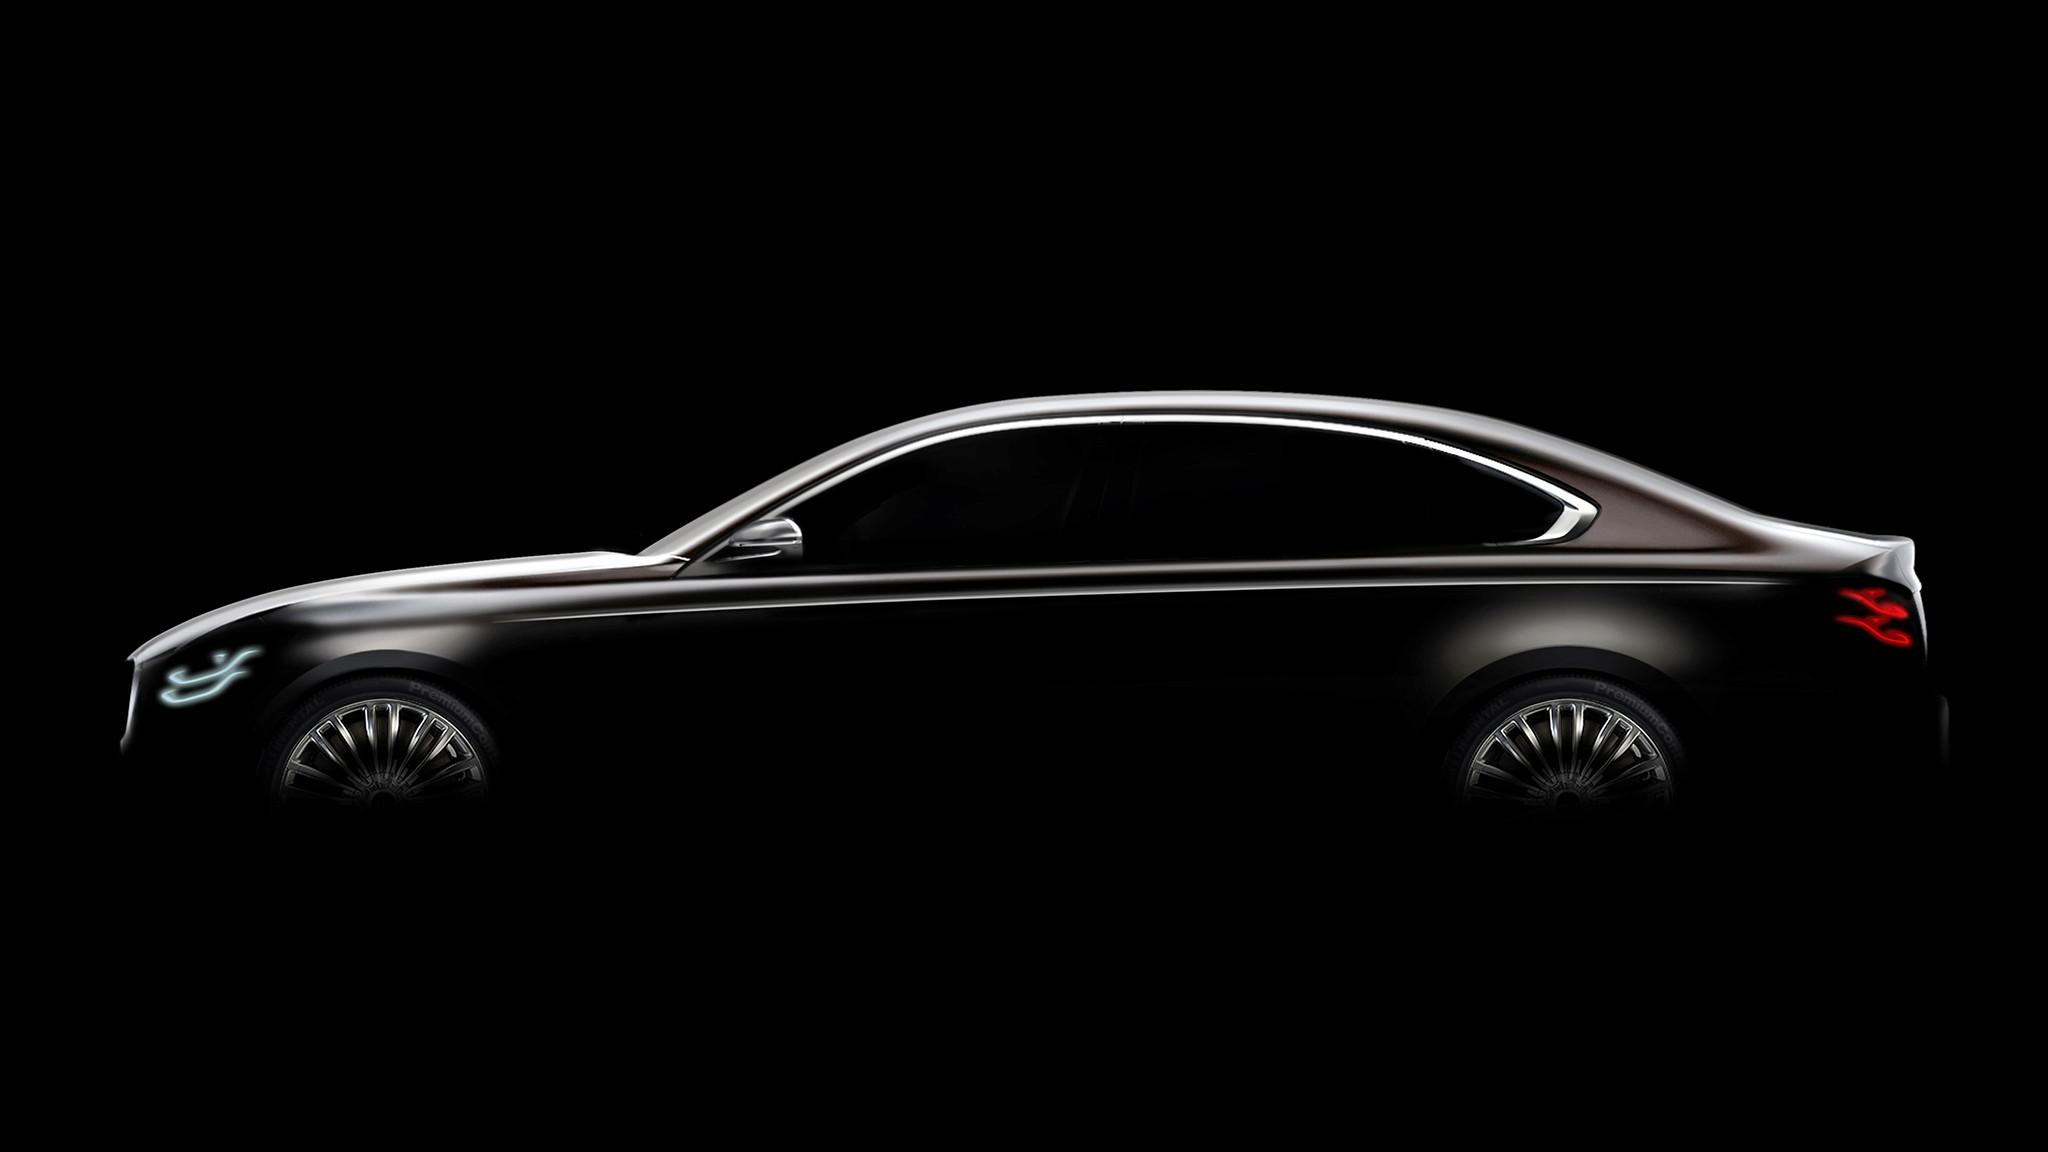 Elegance | 2019 Kia K900 K9 Facelift Teaser Shows New Headlights Added